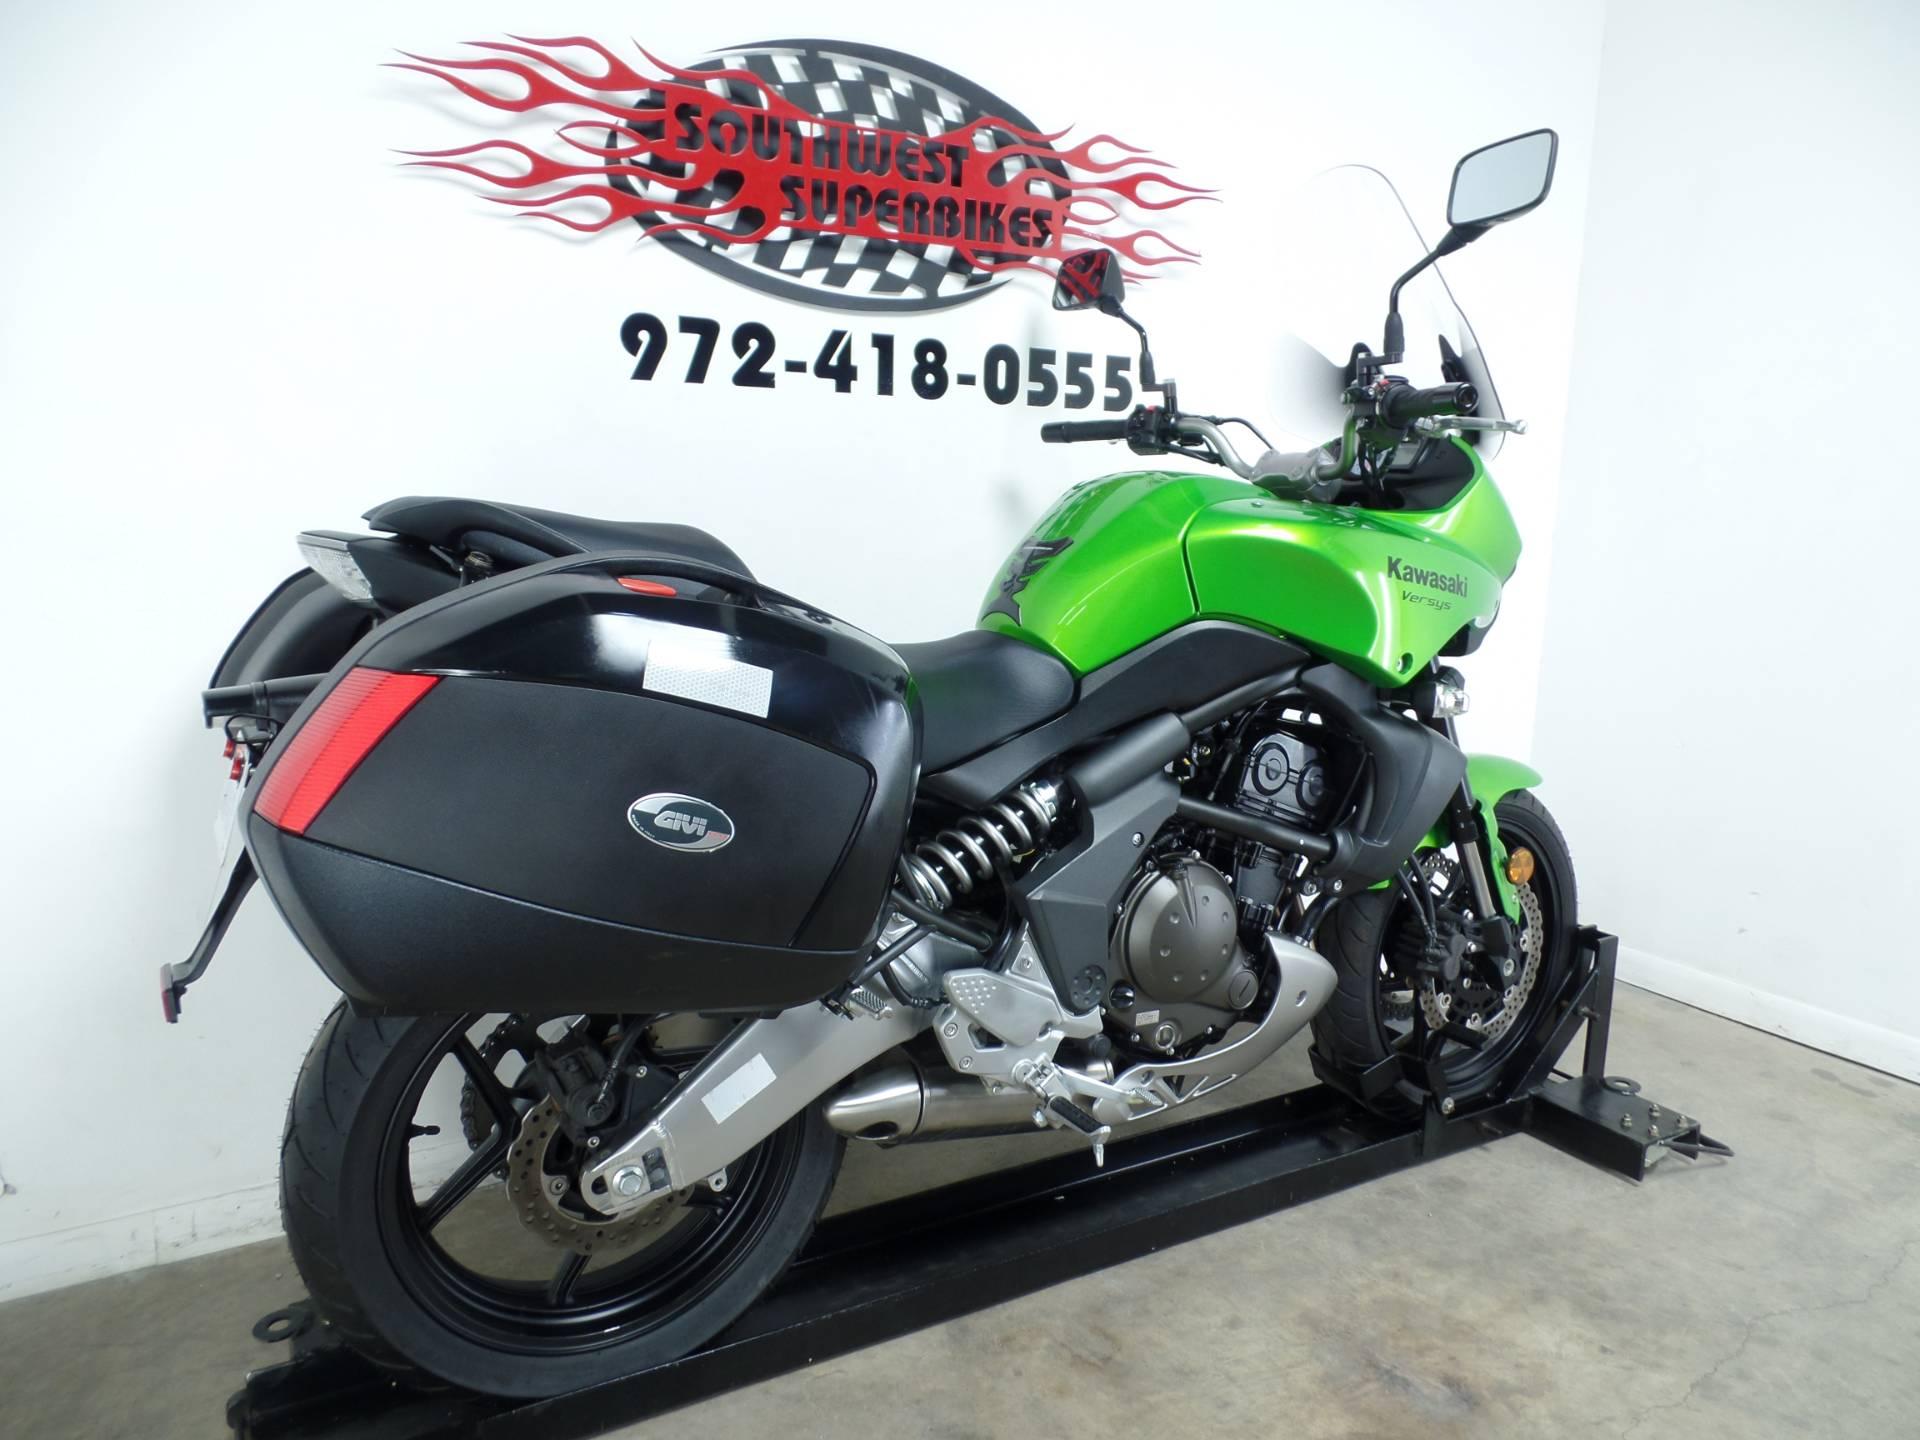 used 2009 kawasaki versys™ motorcycles in dallas, tx